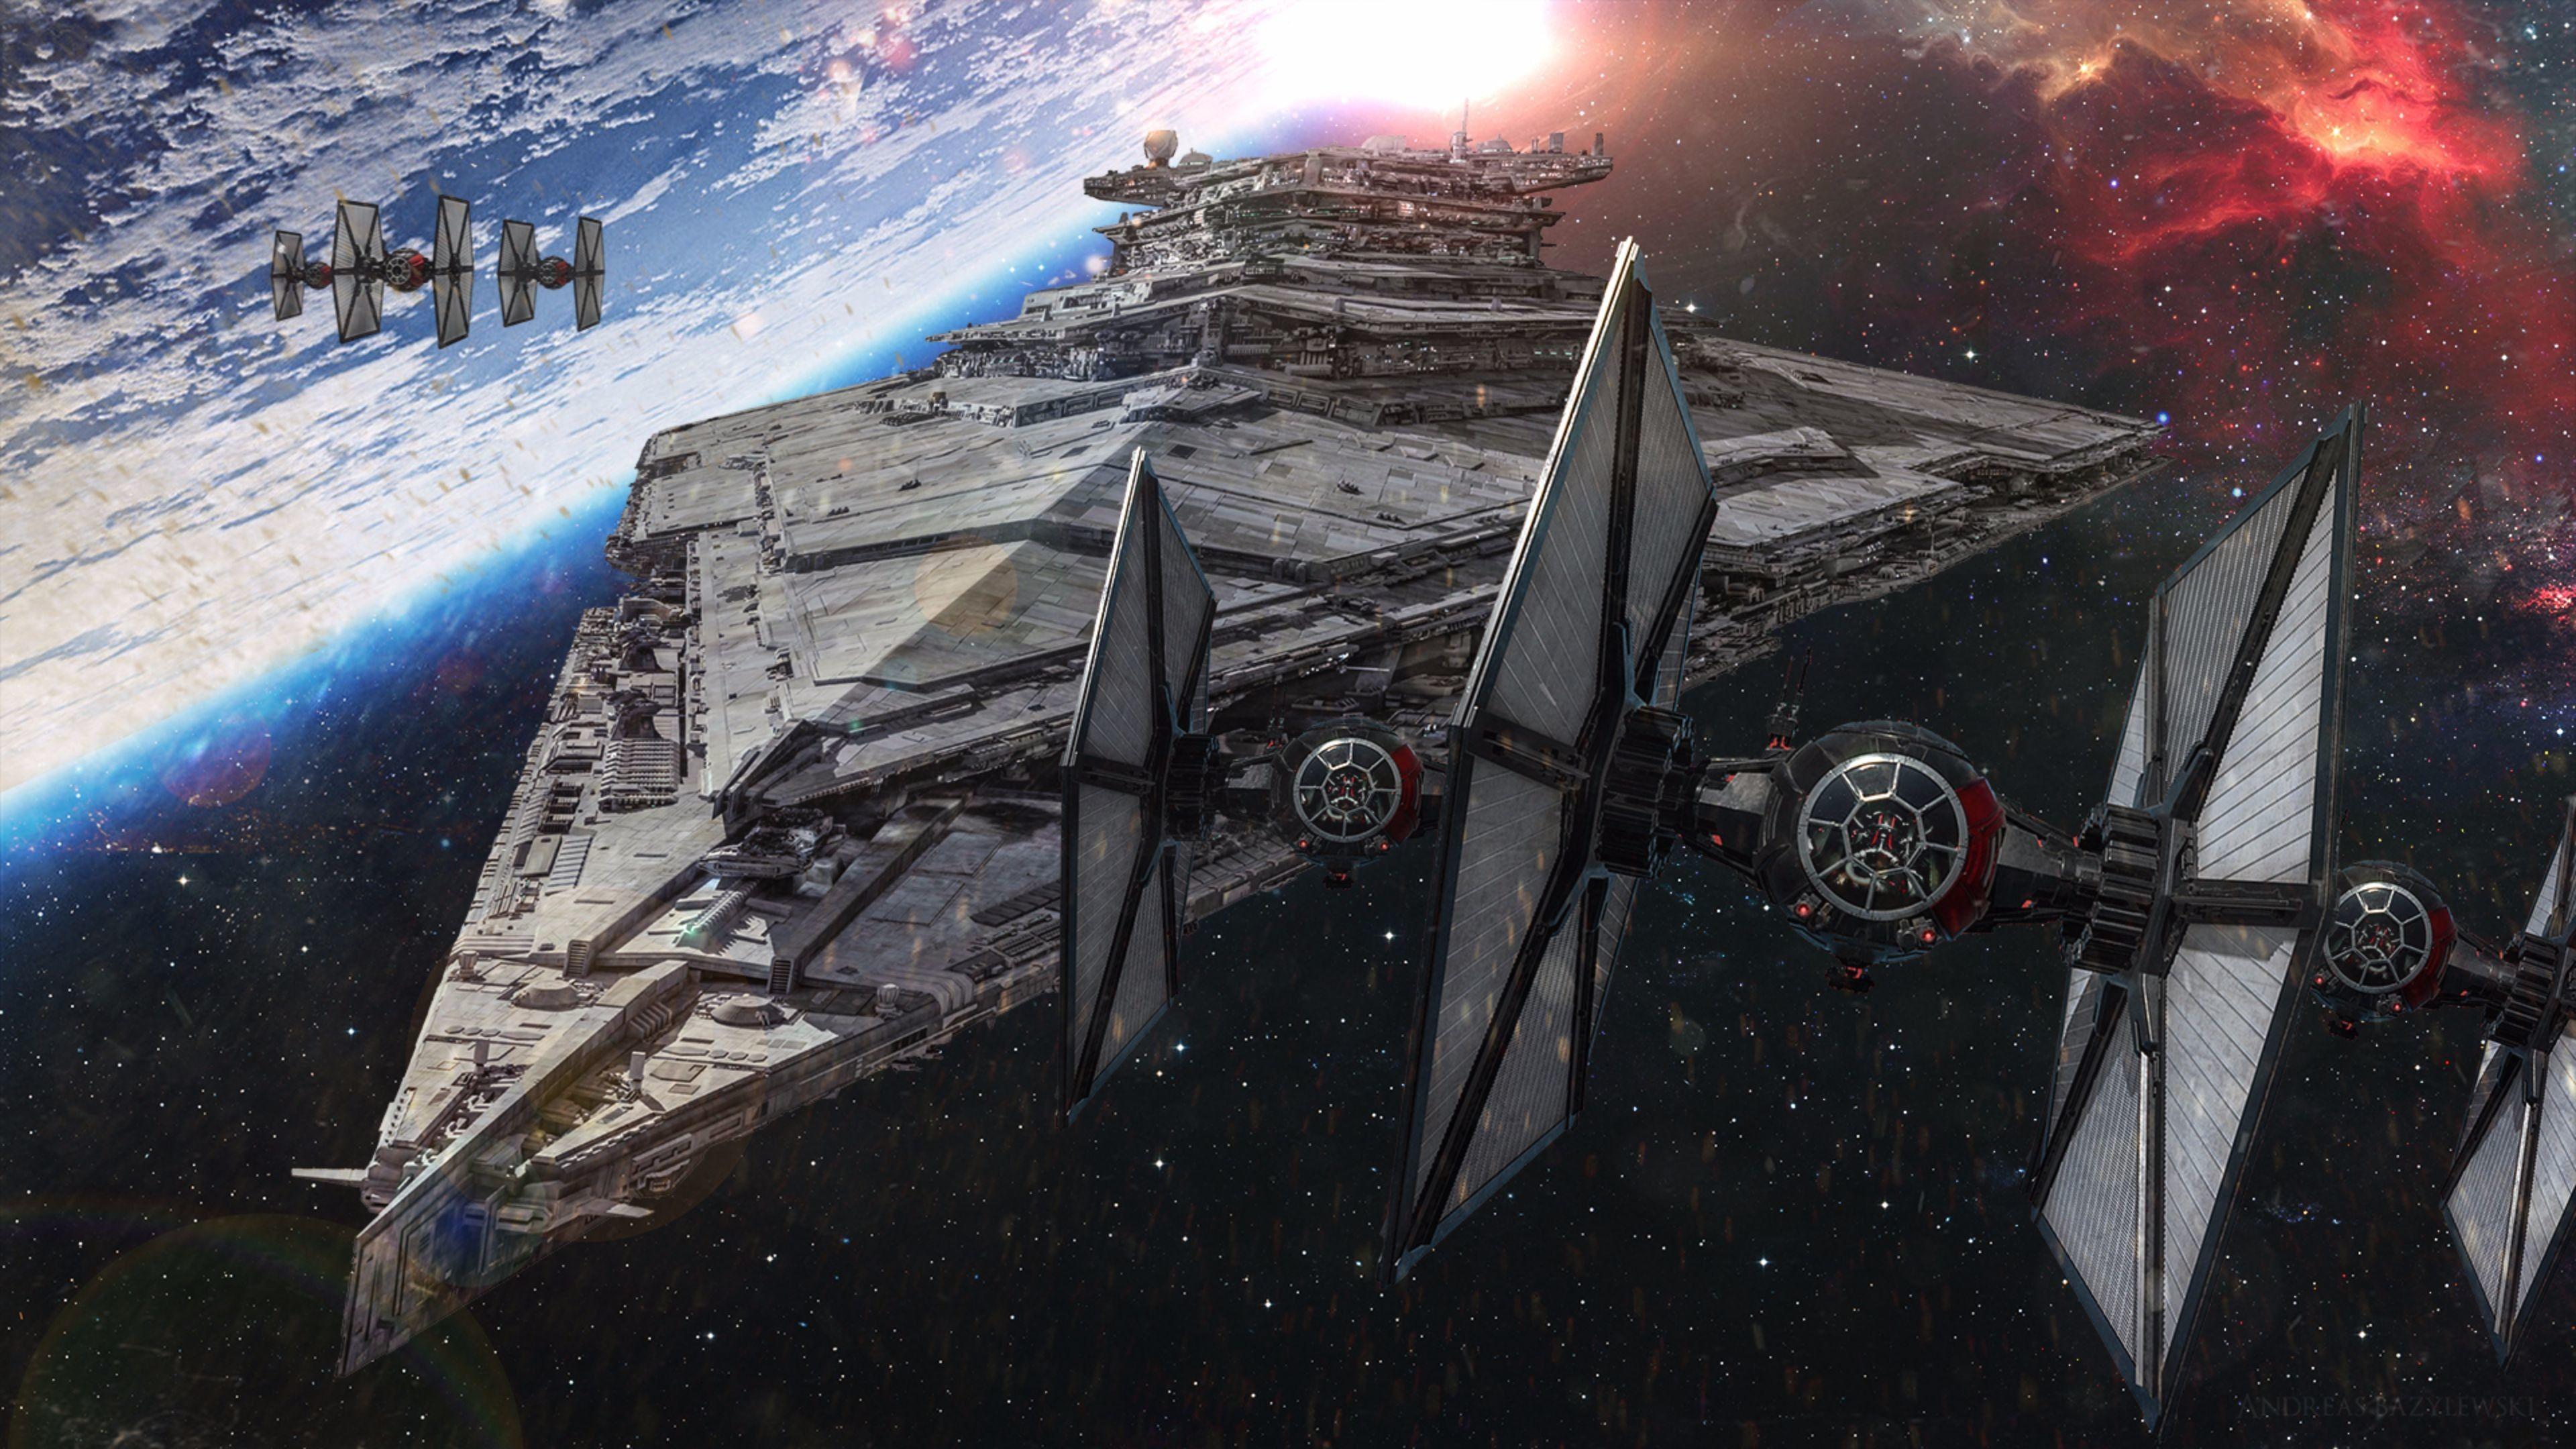 Star Wars 4K Wallpaper 23 3840 x 2160